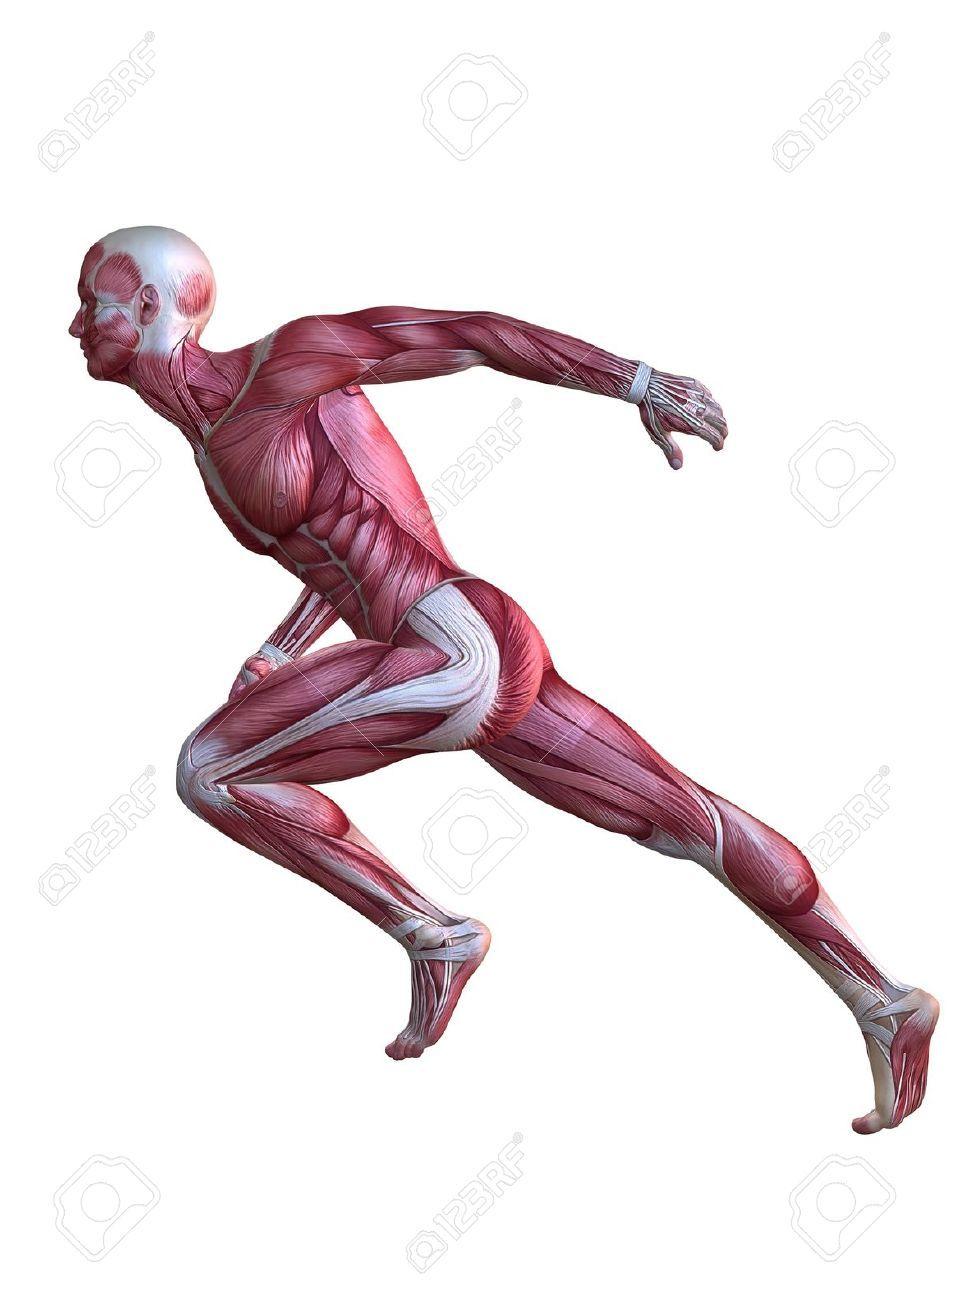 Modelo 3D del músculo - macho | Anatomía Humana. Human anatomy ...